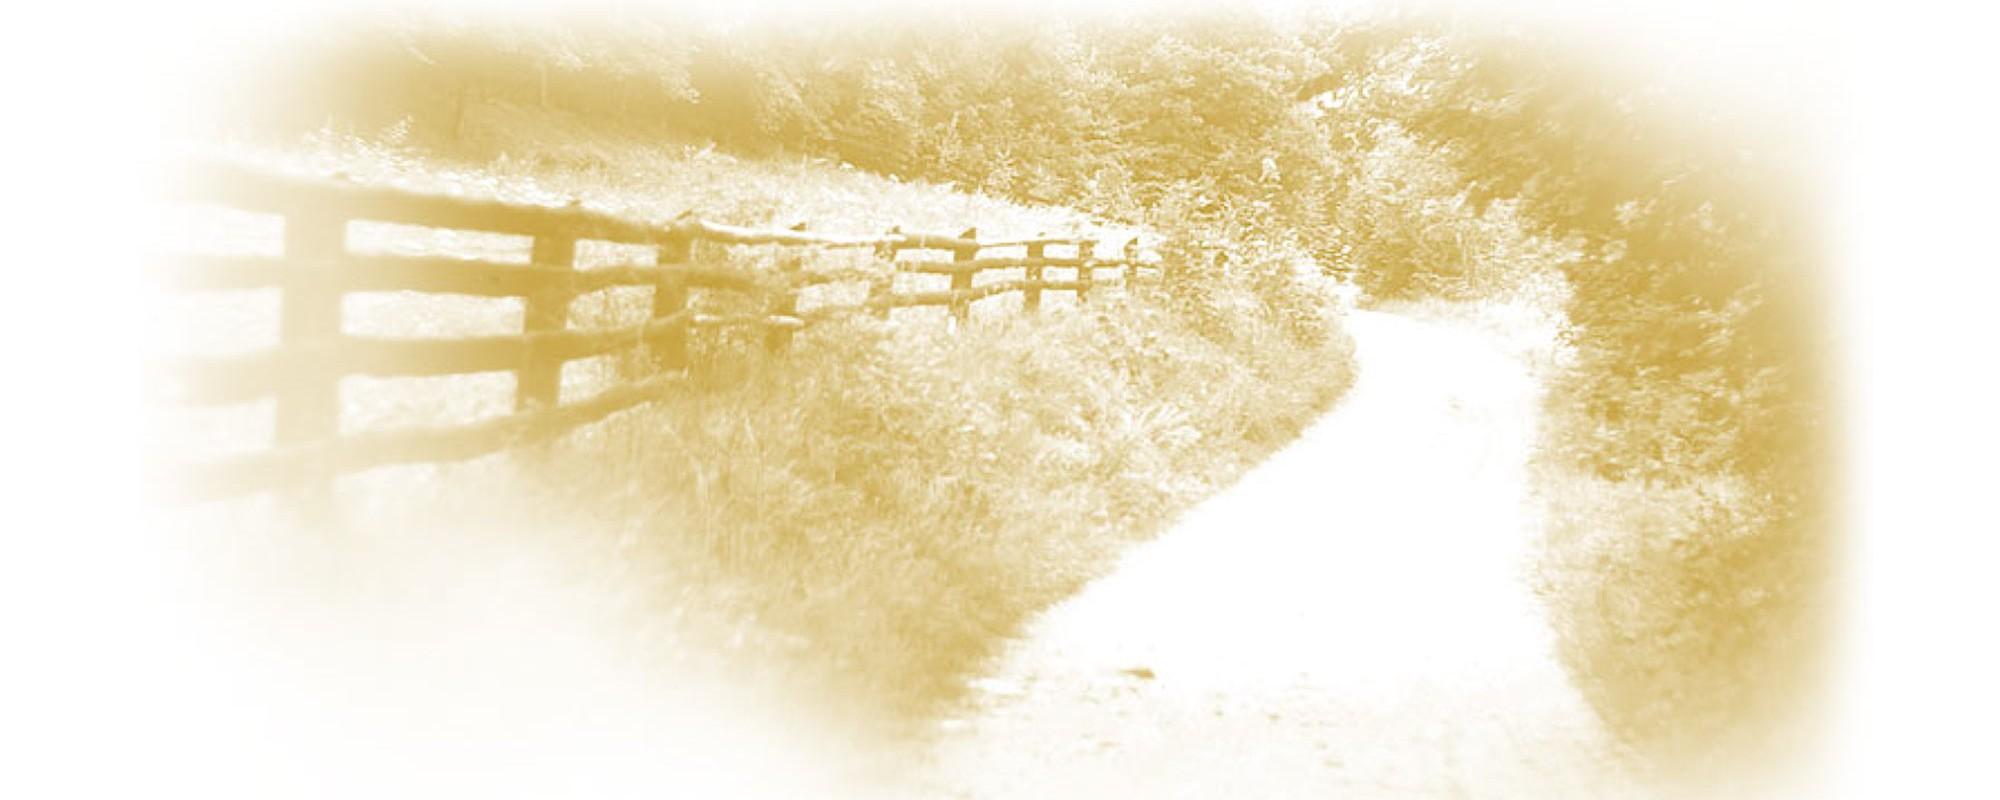 path-slide-e1424638075610